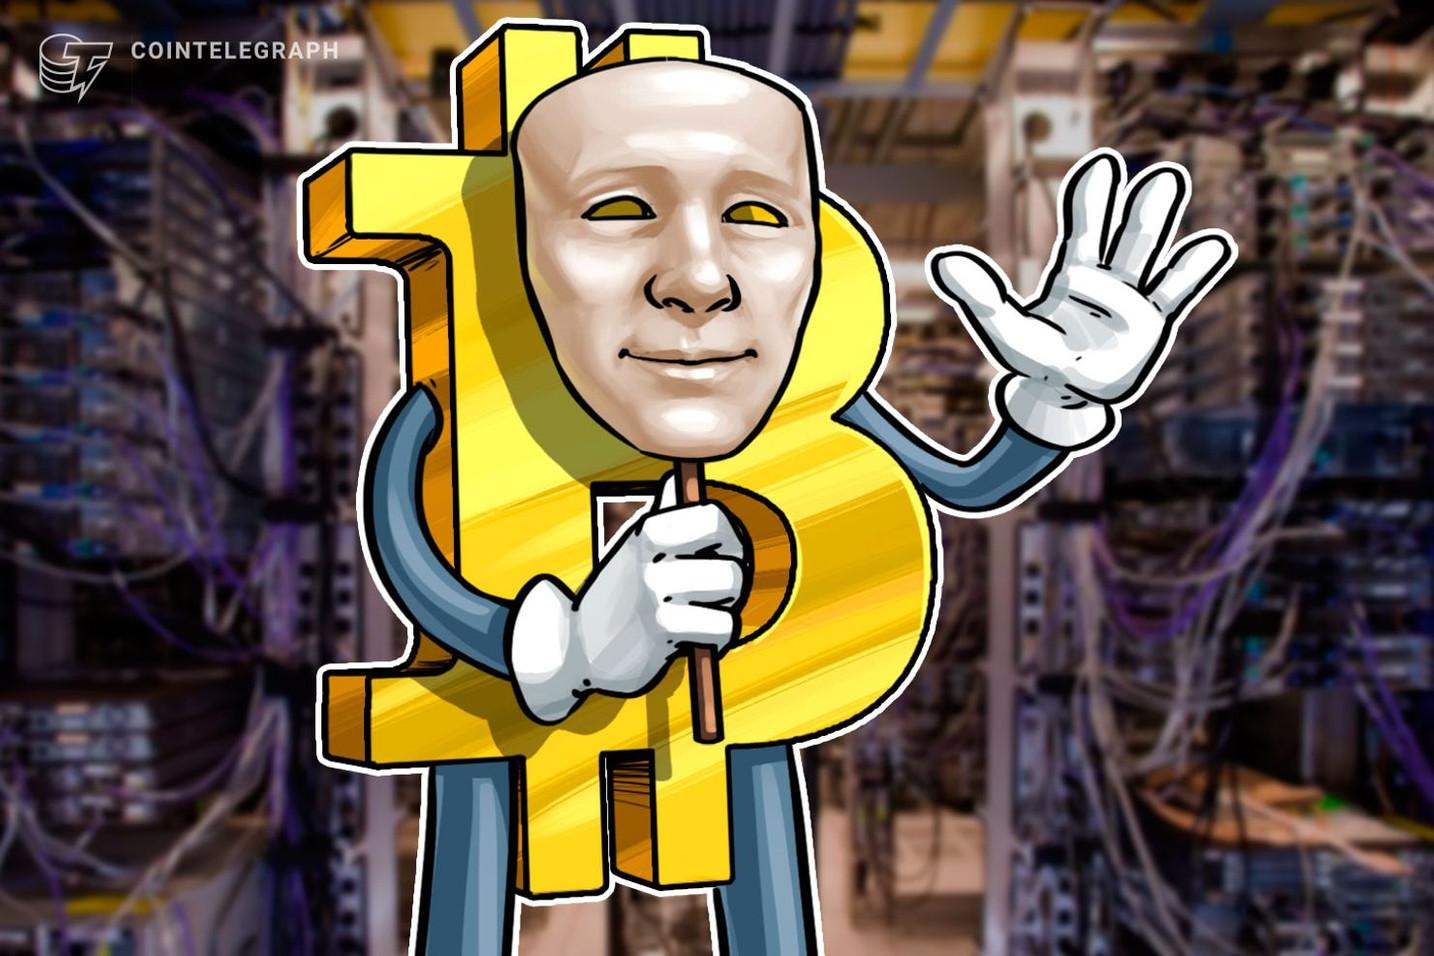 仮想通貨の功労者デヴィット・ショーム 新たなデジタル通貨を計画 ビットコインと差別化目指す